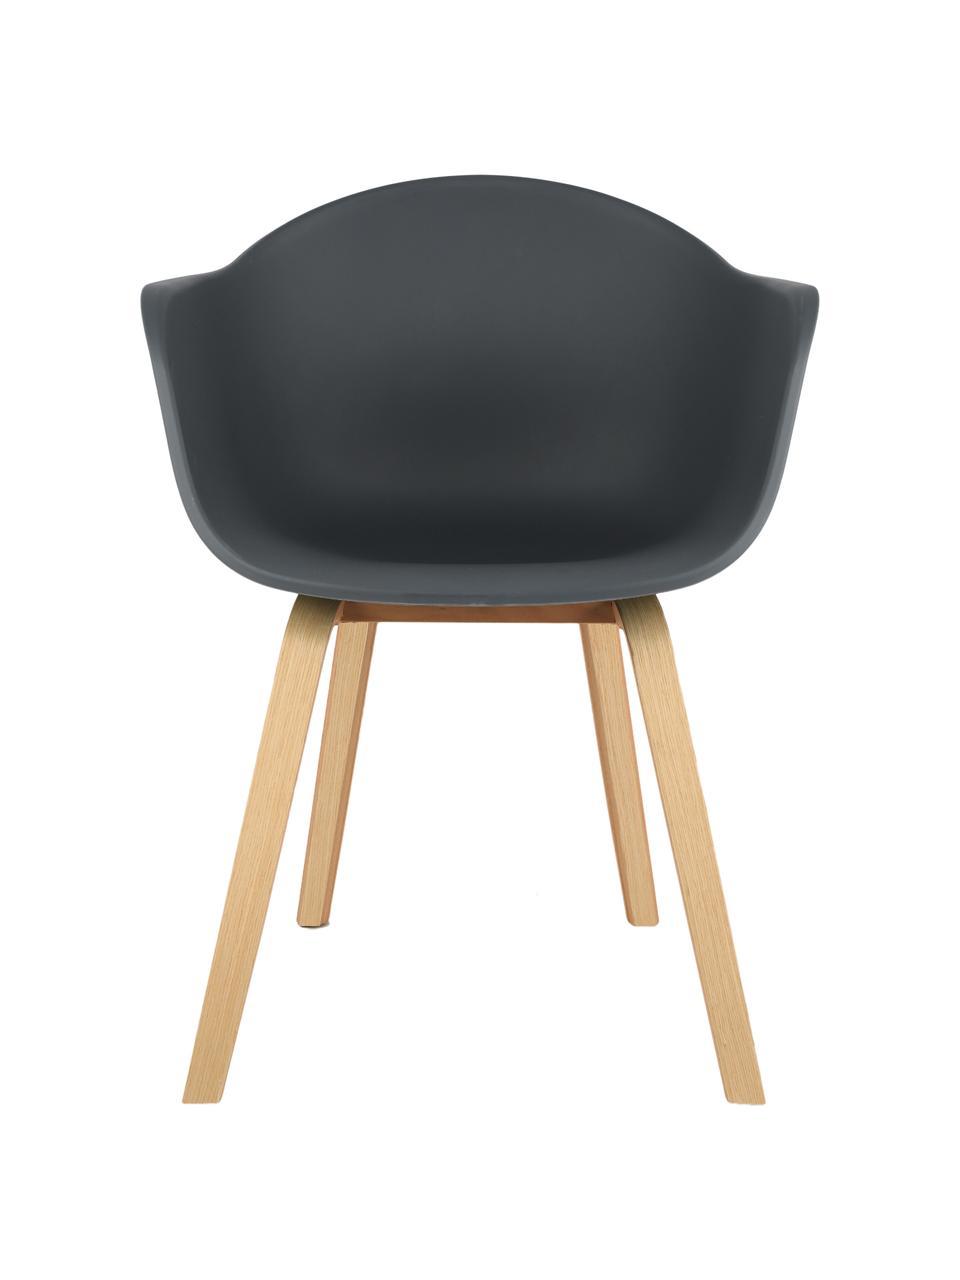 Sedia con braccioli e gambe in legno Claire, Seduta: materiale sintetico, Gambe: legno di faggio, Seduta: grigio scuro Gambe: legno di faggio, Larg. 60 x Alt. 54 cm